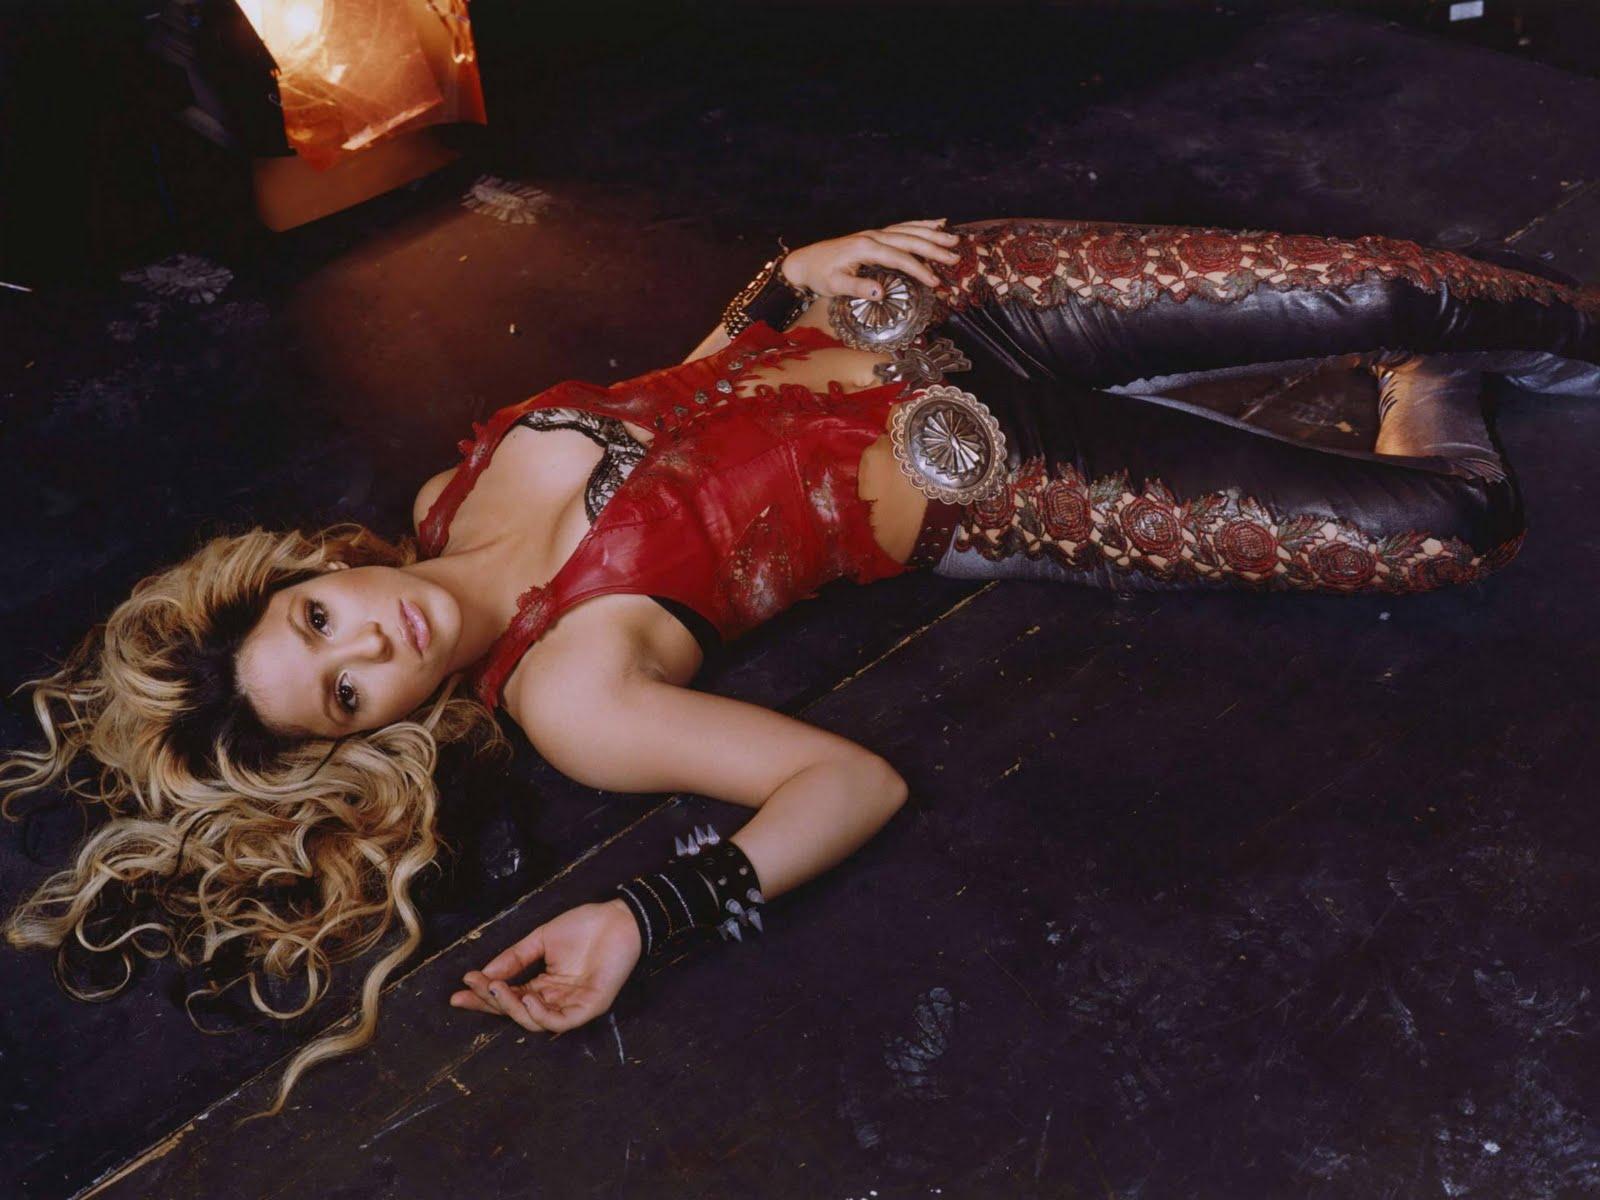 http://2.bp.blogspot.com/-ZWFIAIS9BF4/Ttz88gOtiHI/AAAAAAAACas/p_WL0Zmc7dA/s1600/Shakira_hips_dont_lie_picture_02.jpg